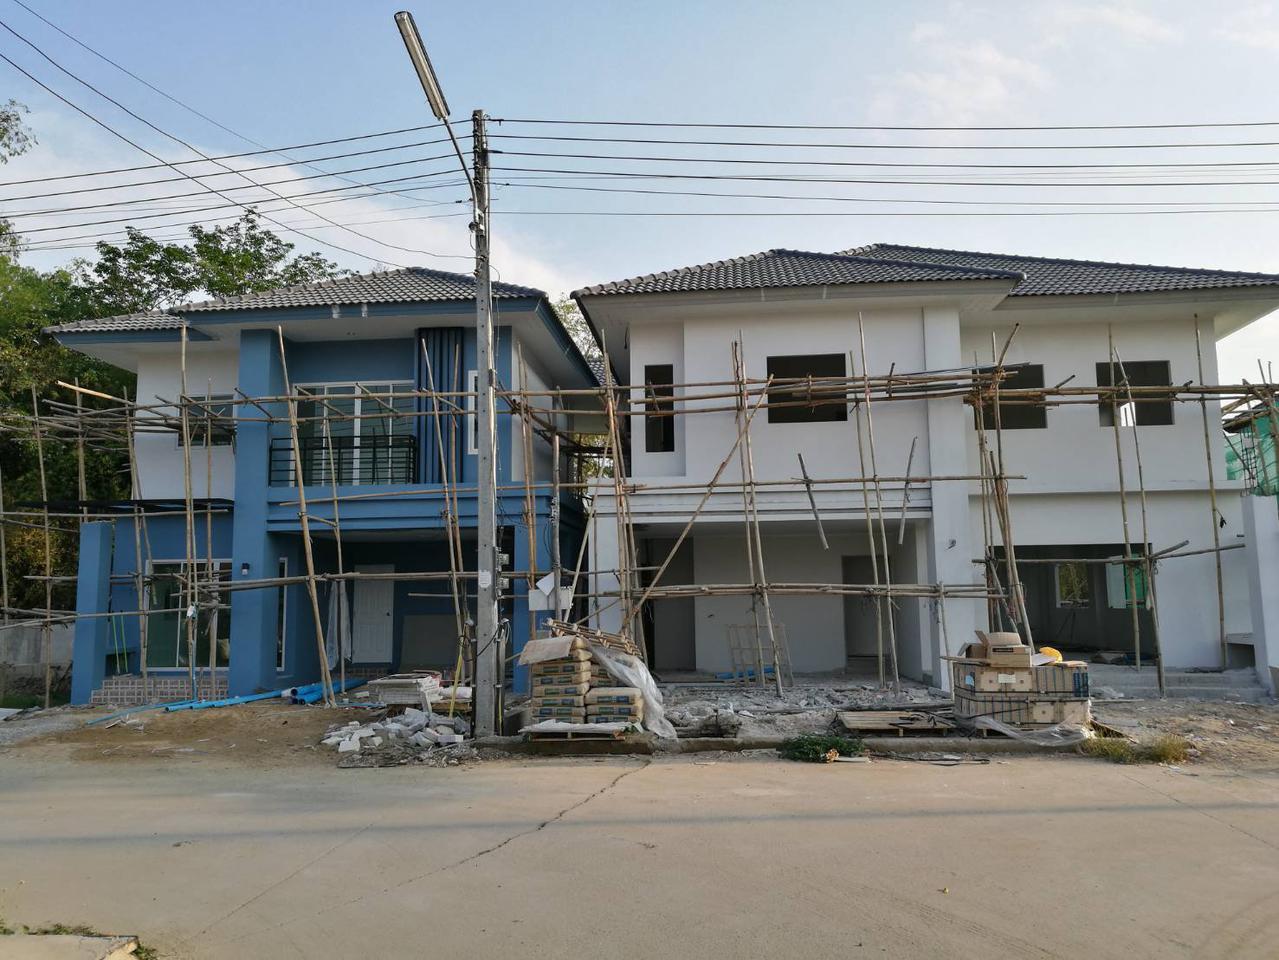 บ้านเดี่ยวเชียงใหม่ในหมู่บ้านบุรีทาน่า รูปที่ 1